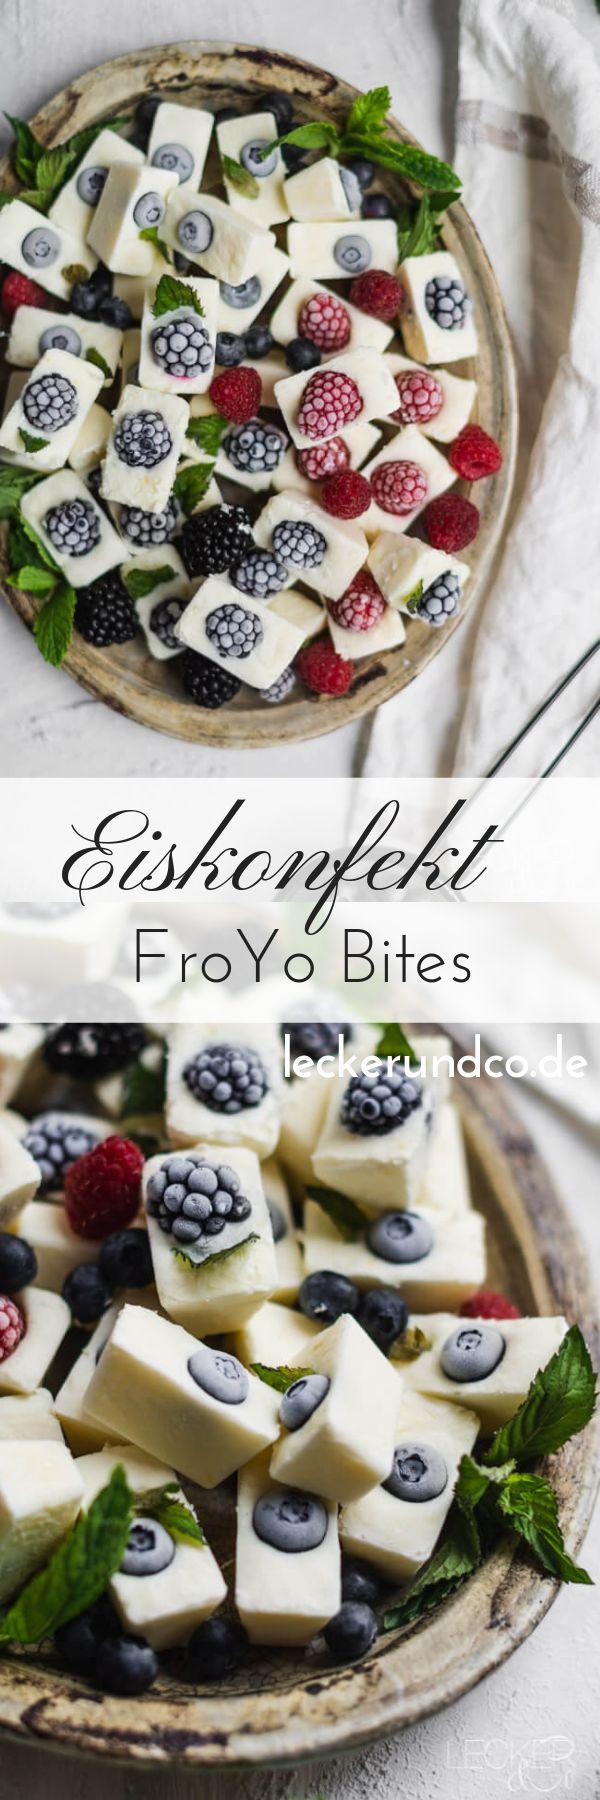 Eiscreme – Süßwaren FroYo Bites mit Beeren   – A+++ Best of Blogger